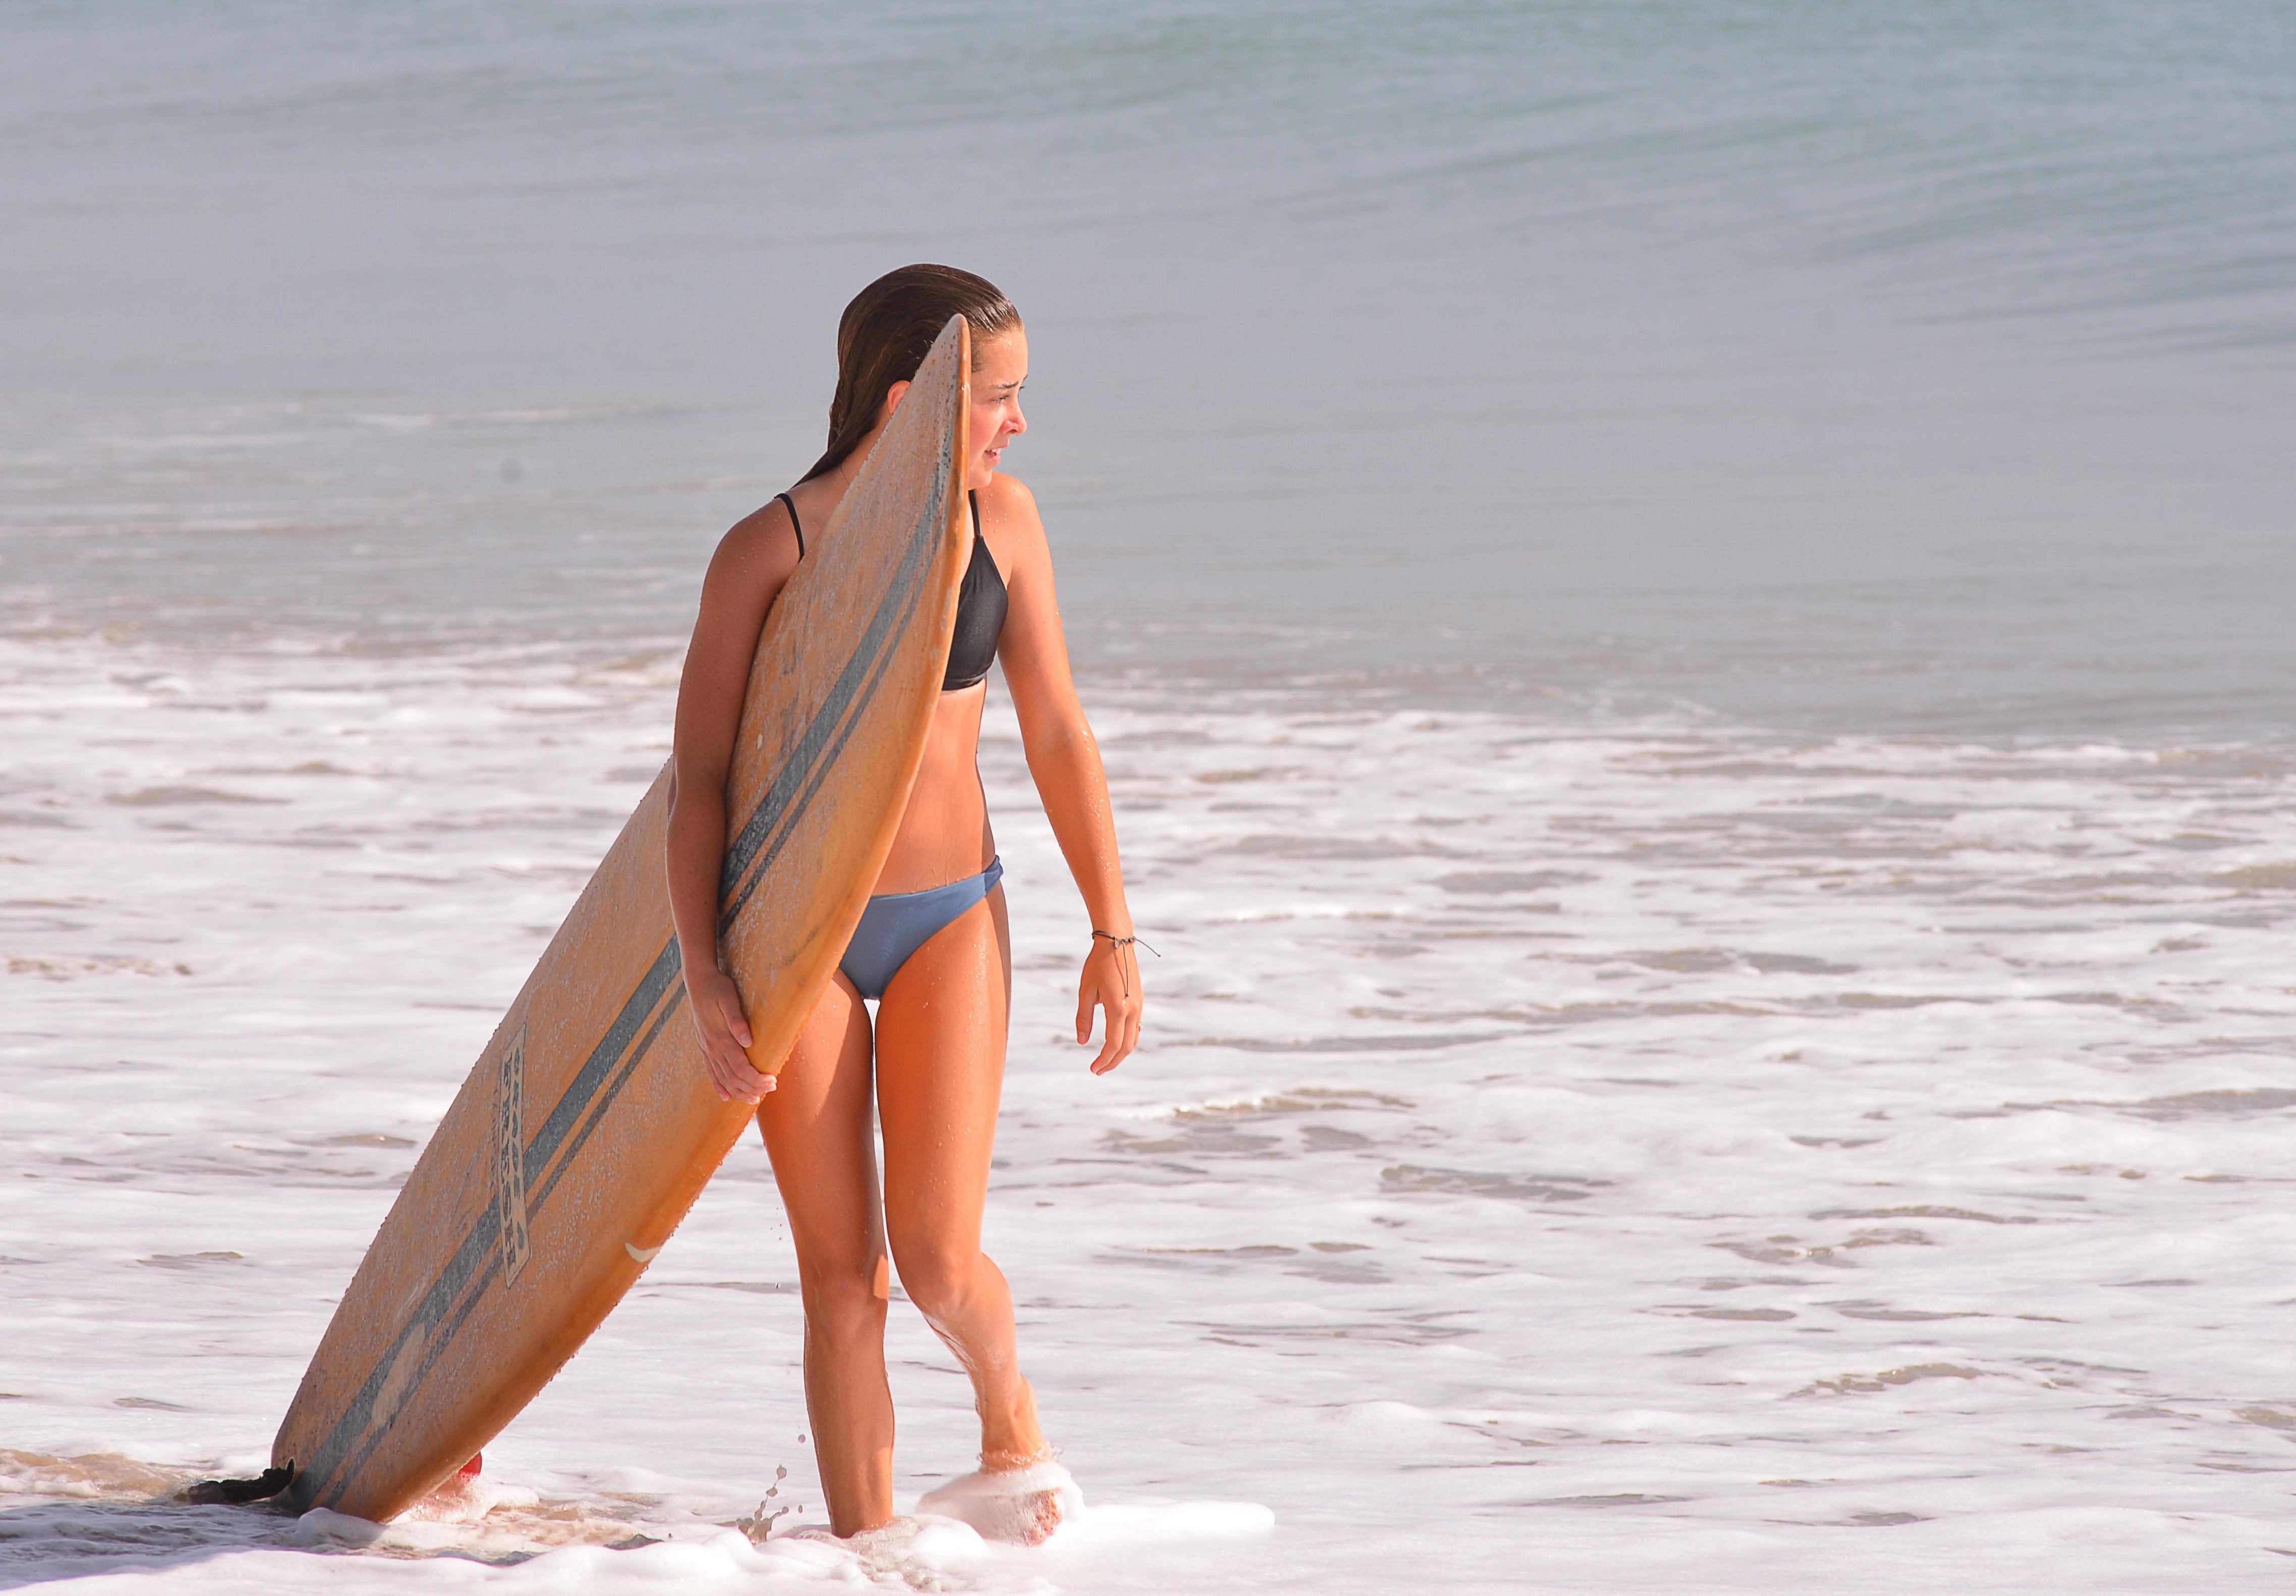 Swimsuit Lynn Benesch naked (41 fotos) Gallery, Instagram, butt